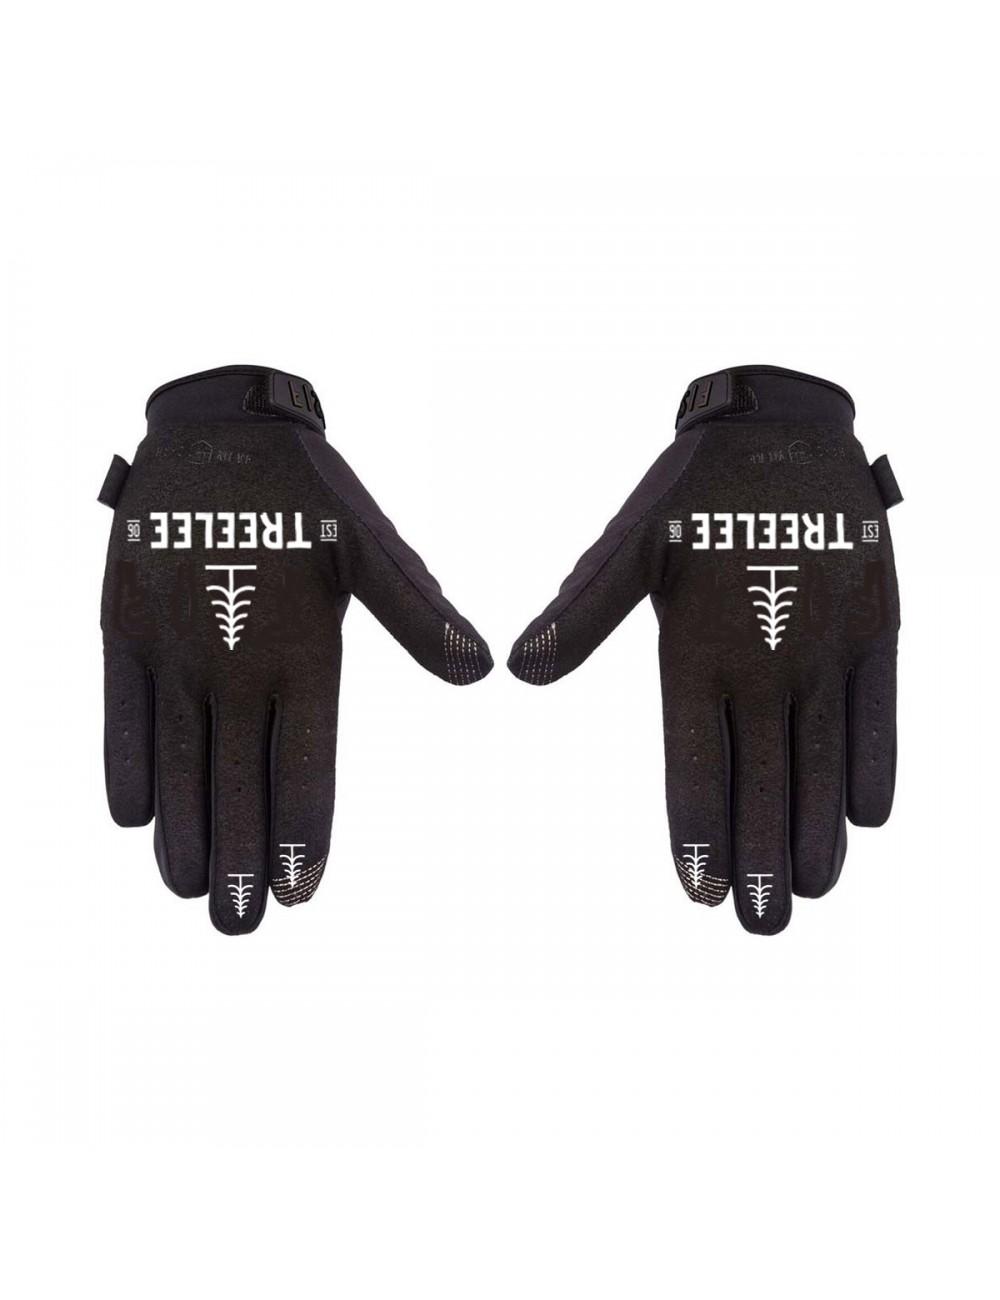 TreeLee x Fist Gloves - Black_12938